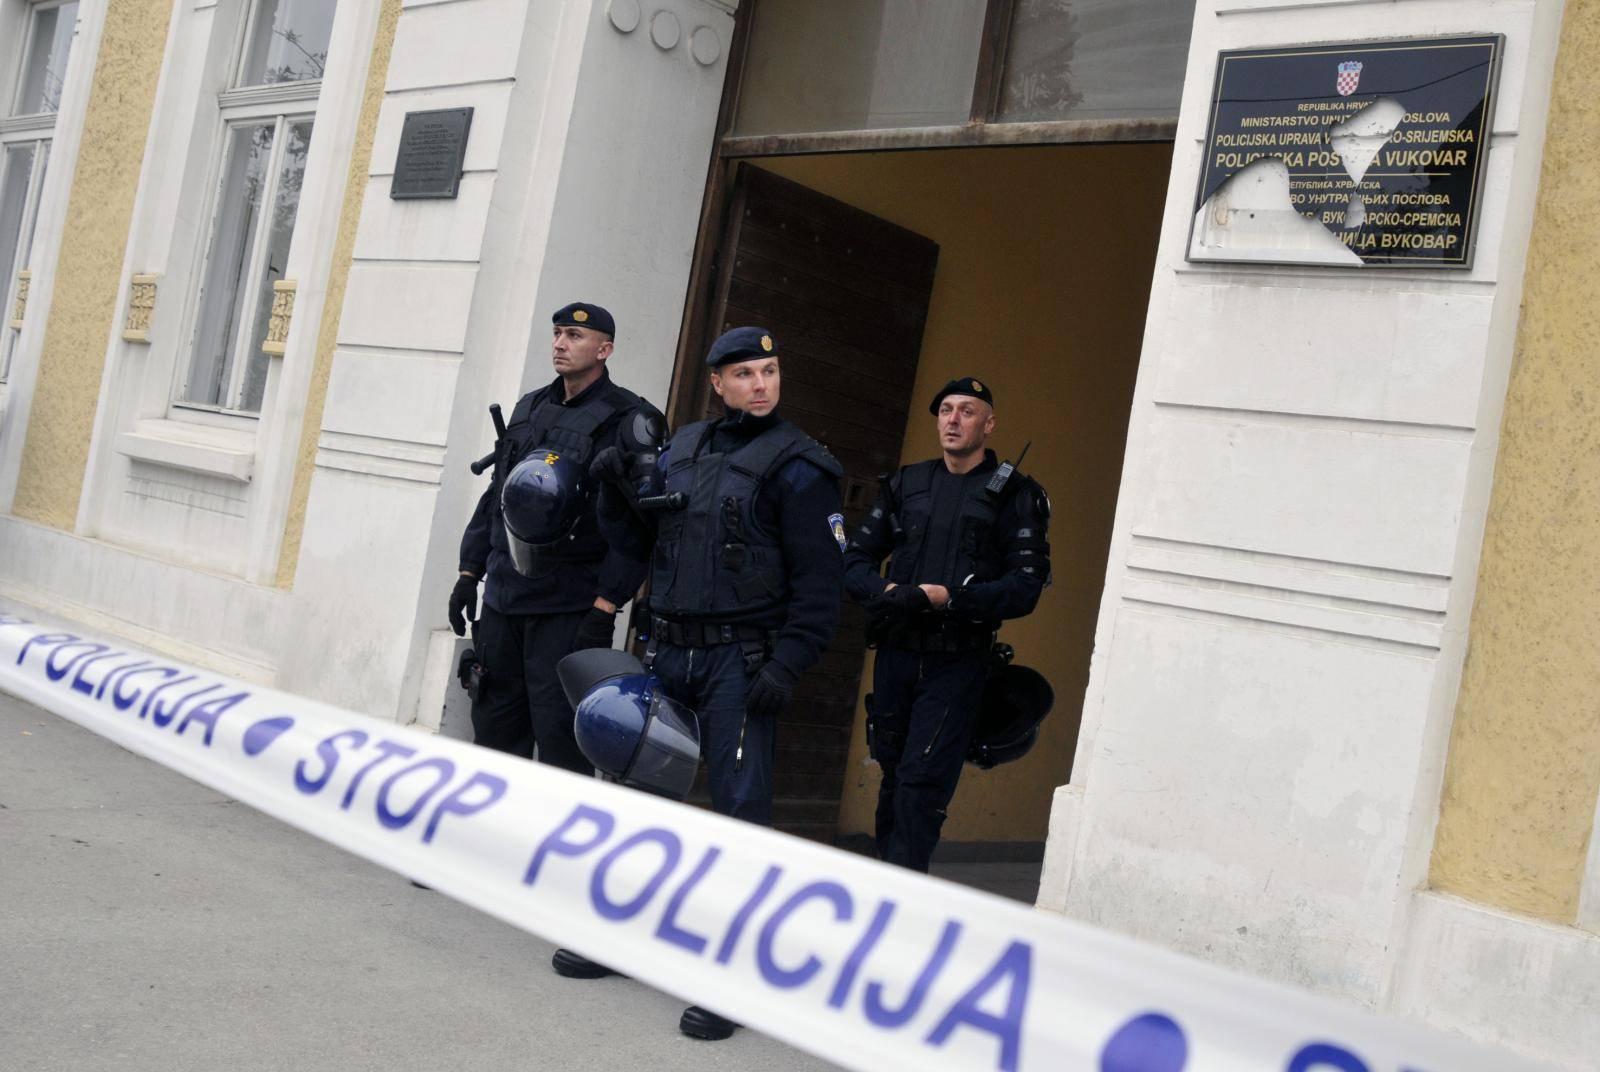 Policija otkrila još dvojicu koji su napali 'Grobare' u Vukovaru